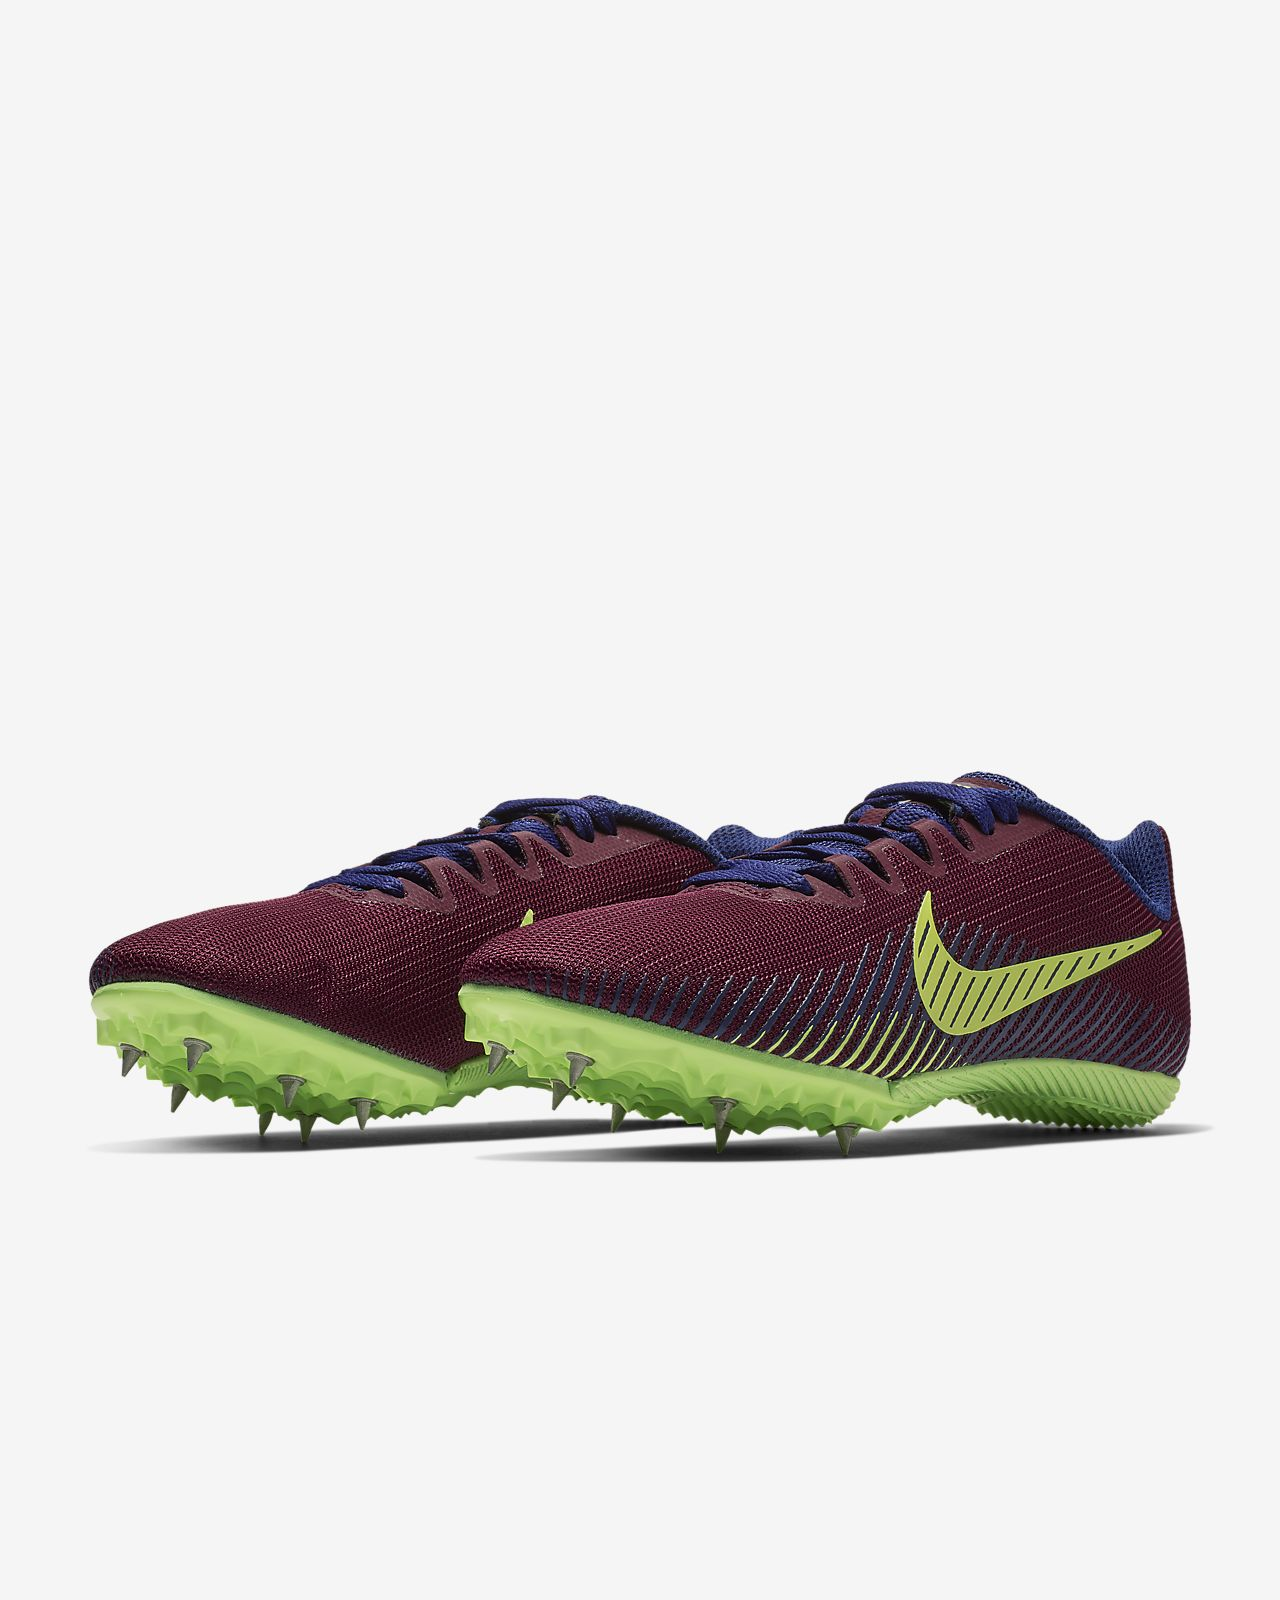 c7516f96f Nike Zoom Rival M 9 Women s Track Spike. Nike.com